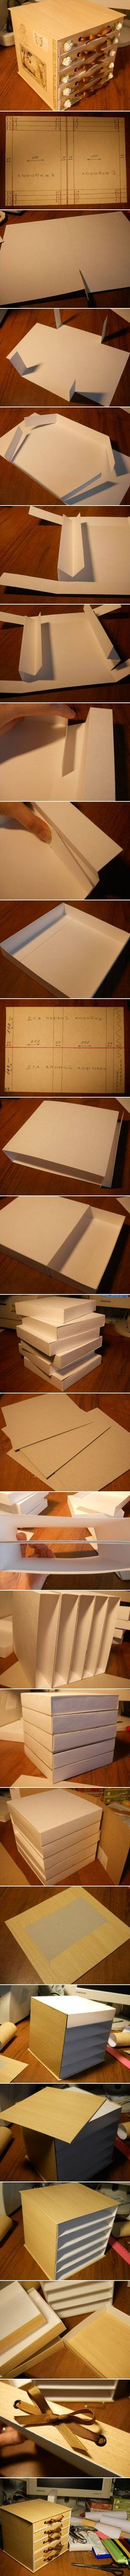 DIY Cute Cardboard Chest | box | mini comoda | faça você mesmo | porta joia